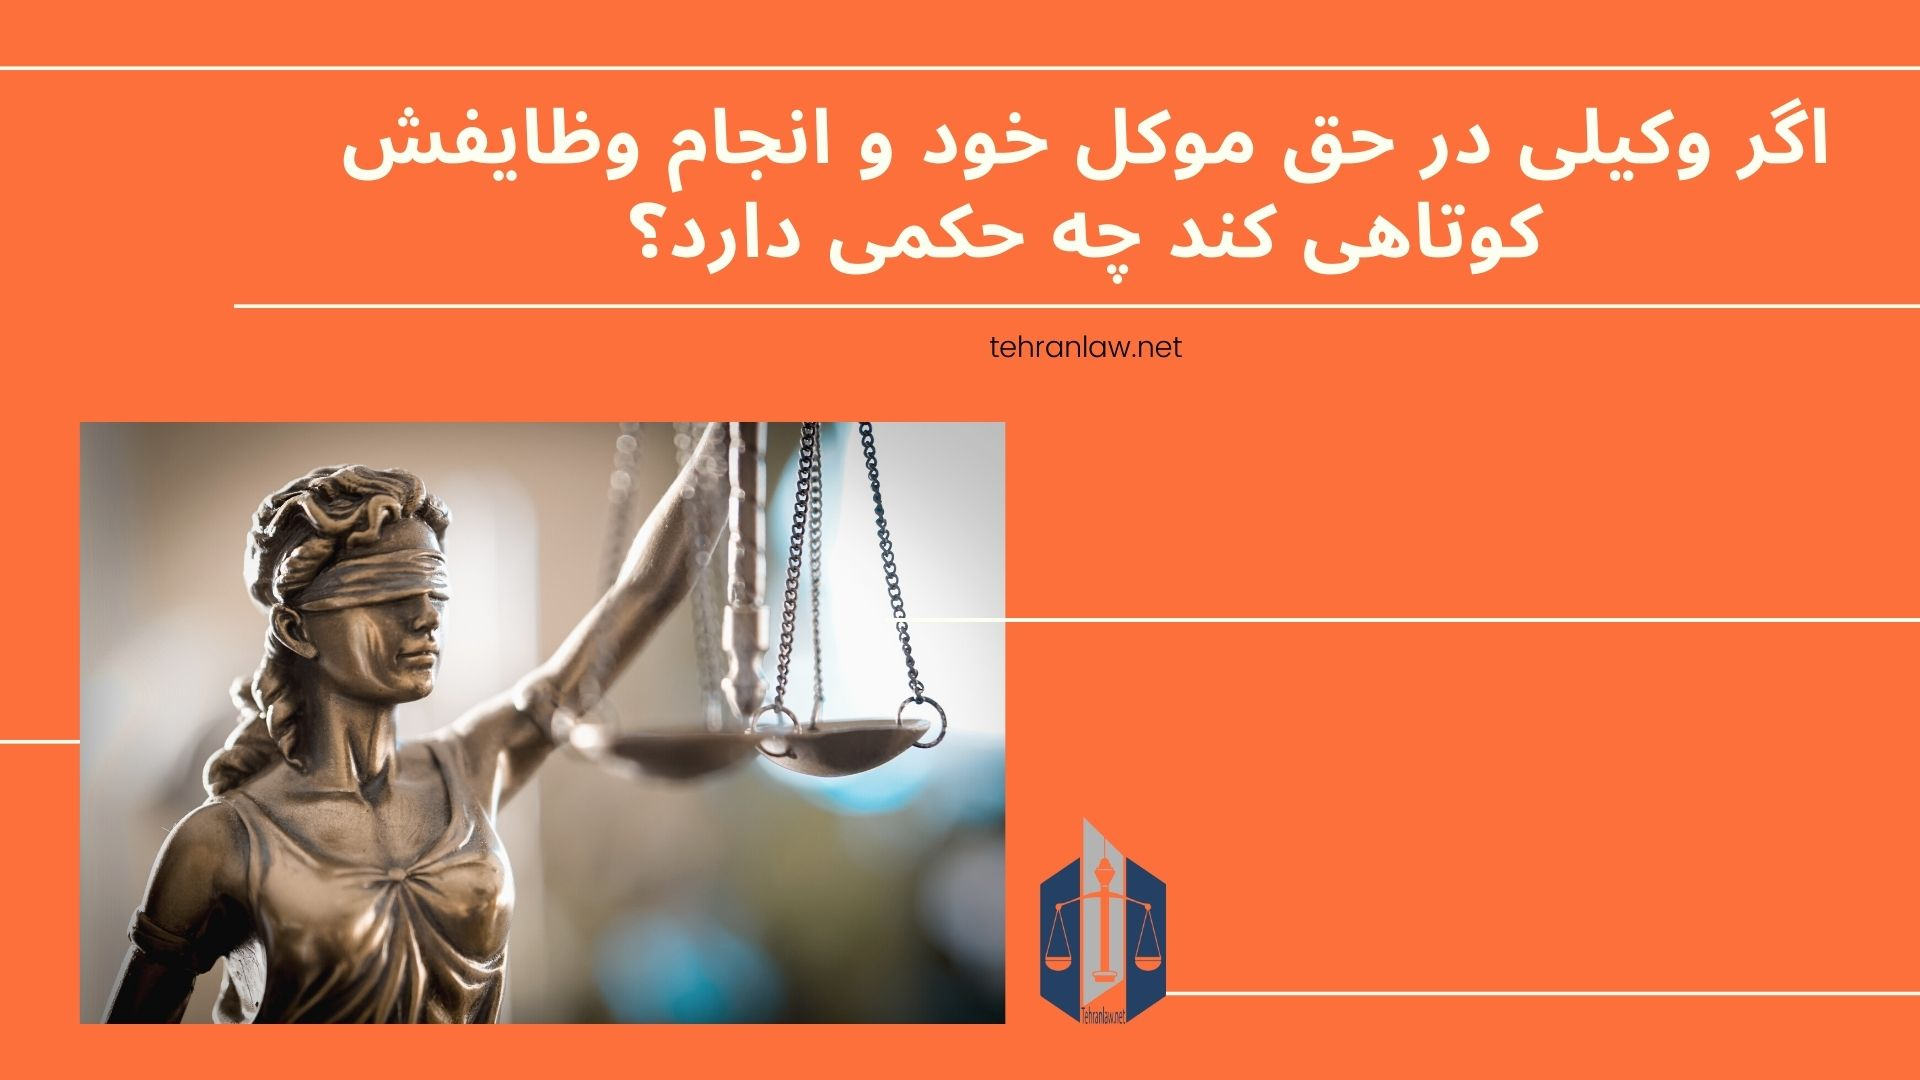 اگر وکیلی در حق موکل خود و انجام وظایفش کوتاهی کند چه حکمی دارد؟